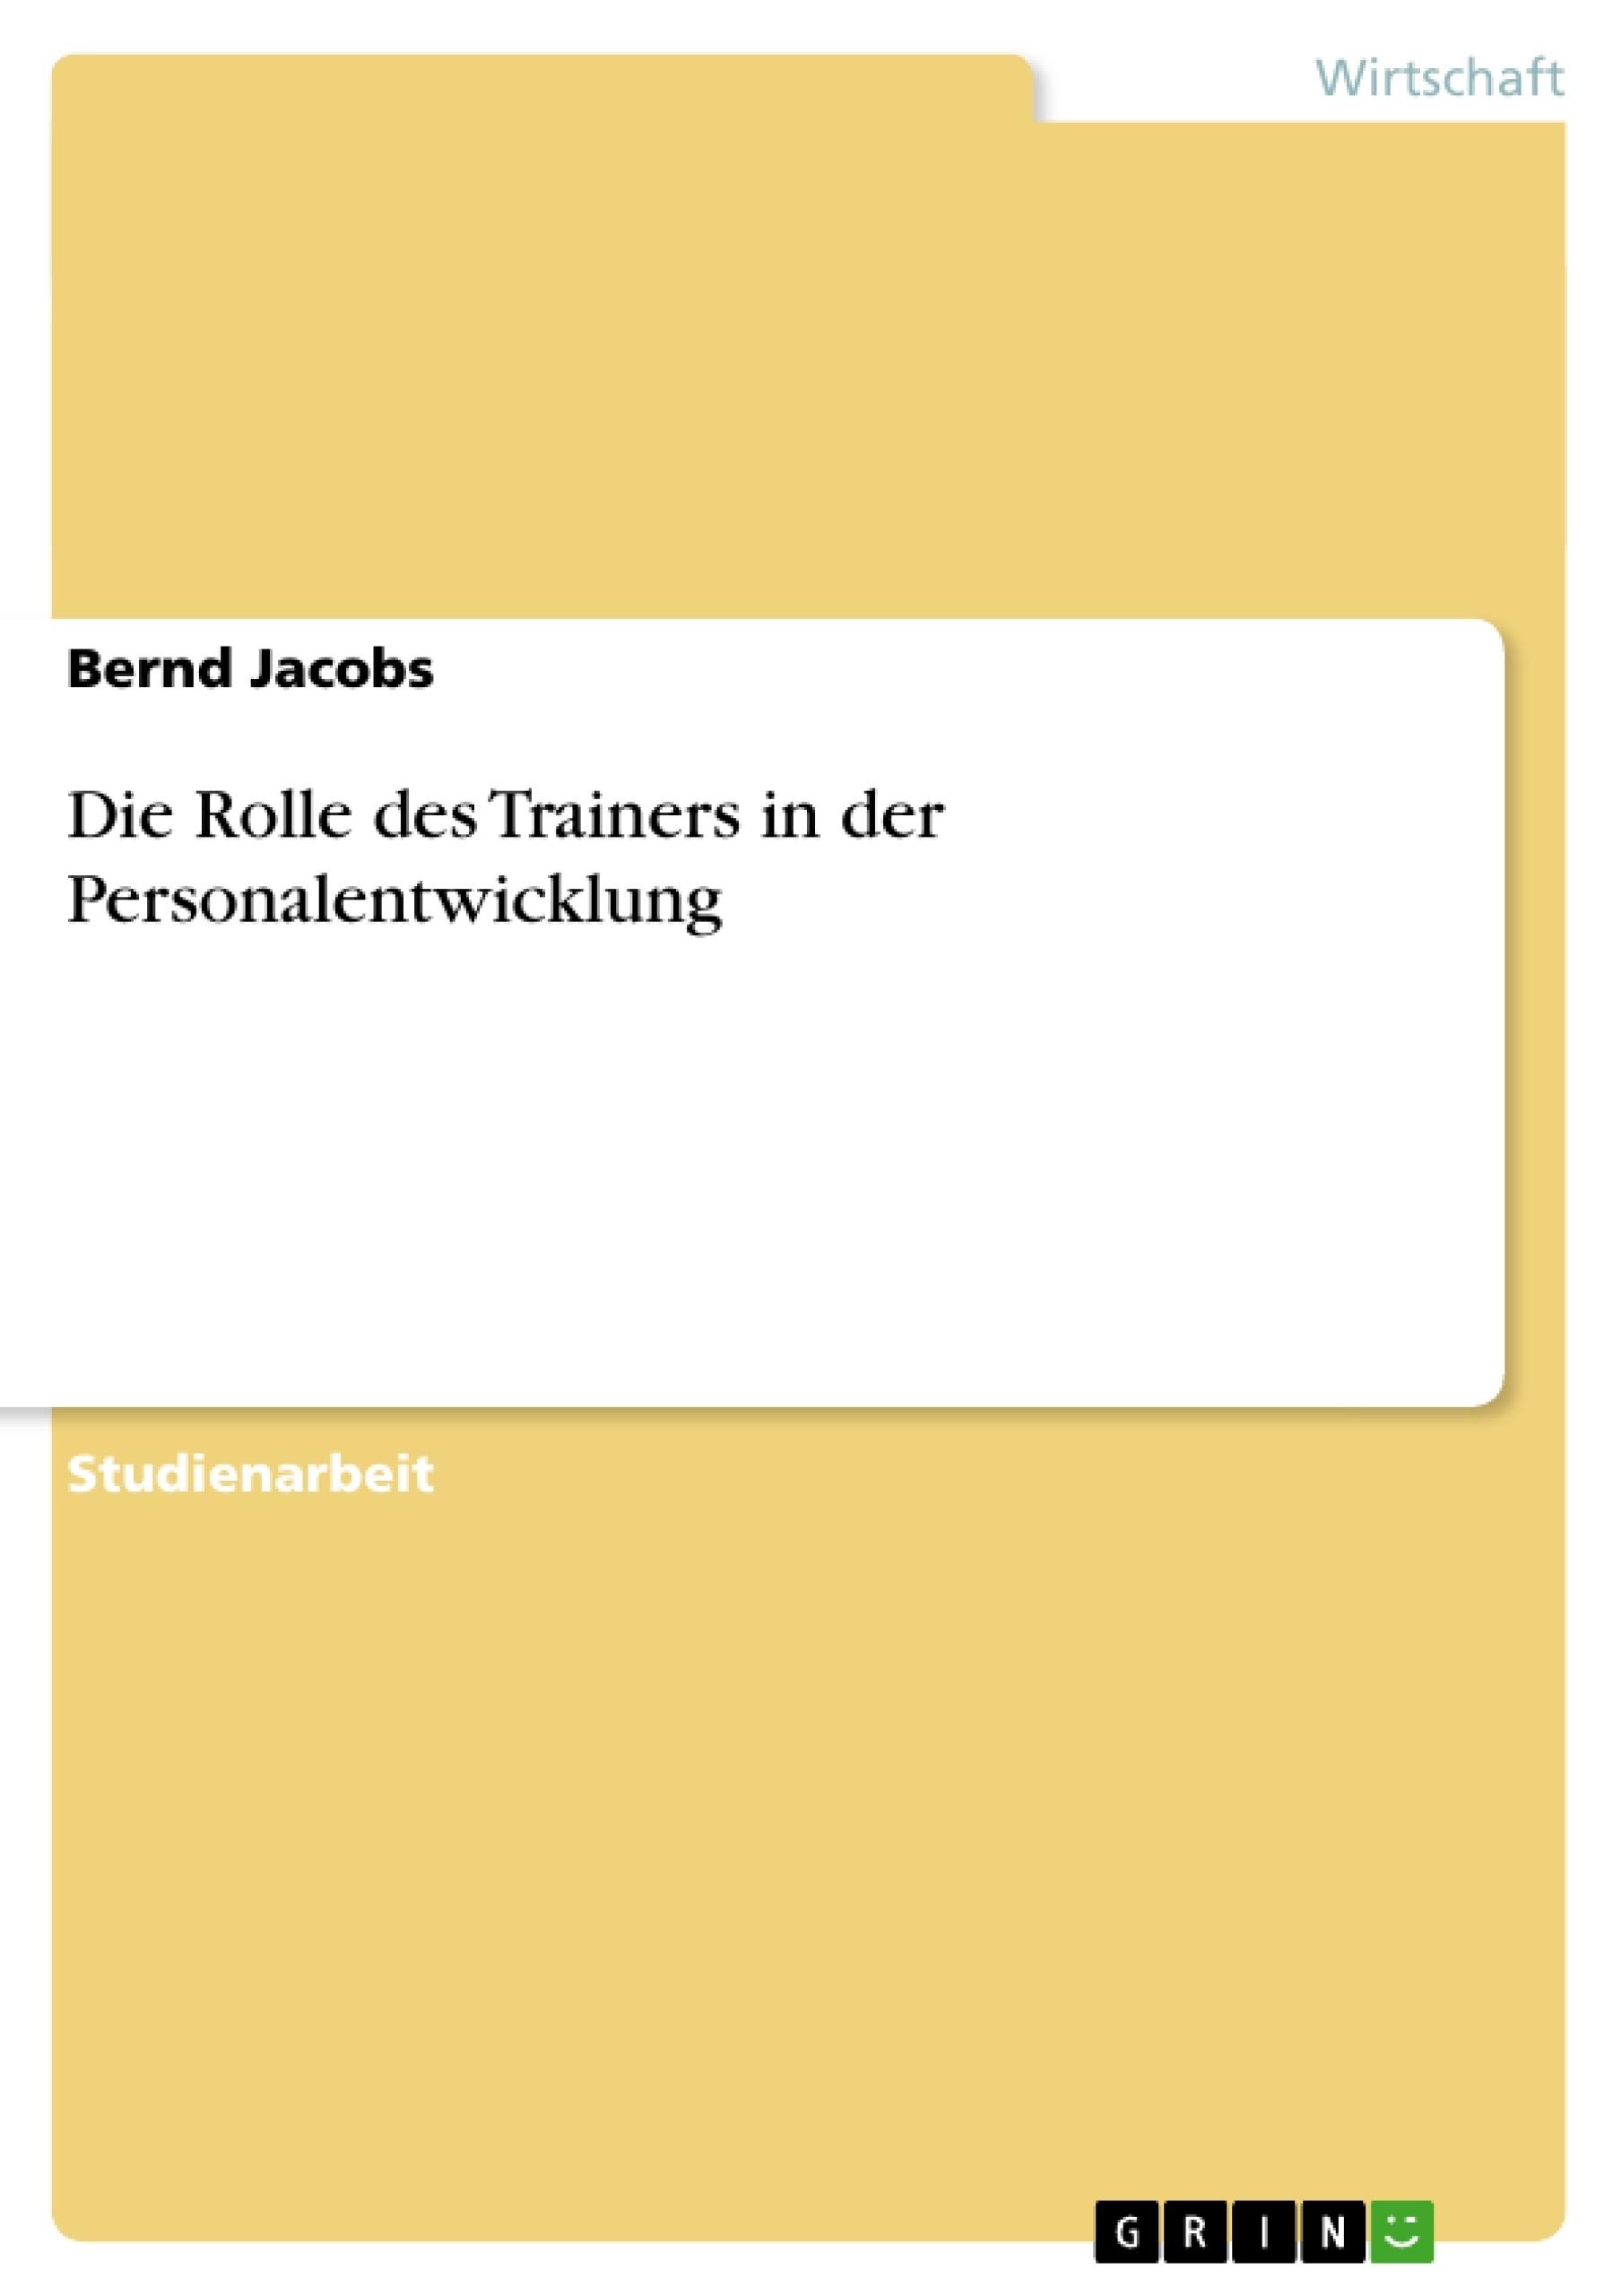 Titel: Die Rolle des Trainers in der Personalentwicklung